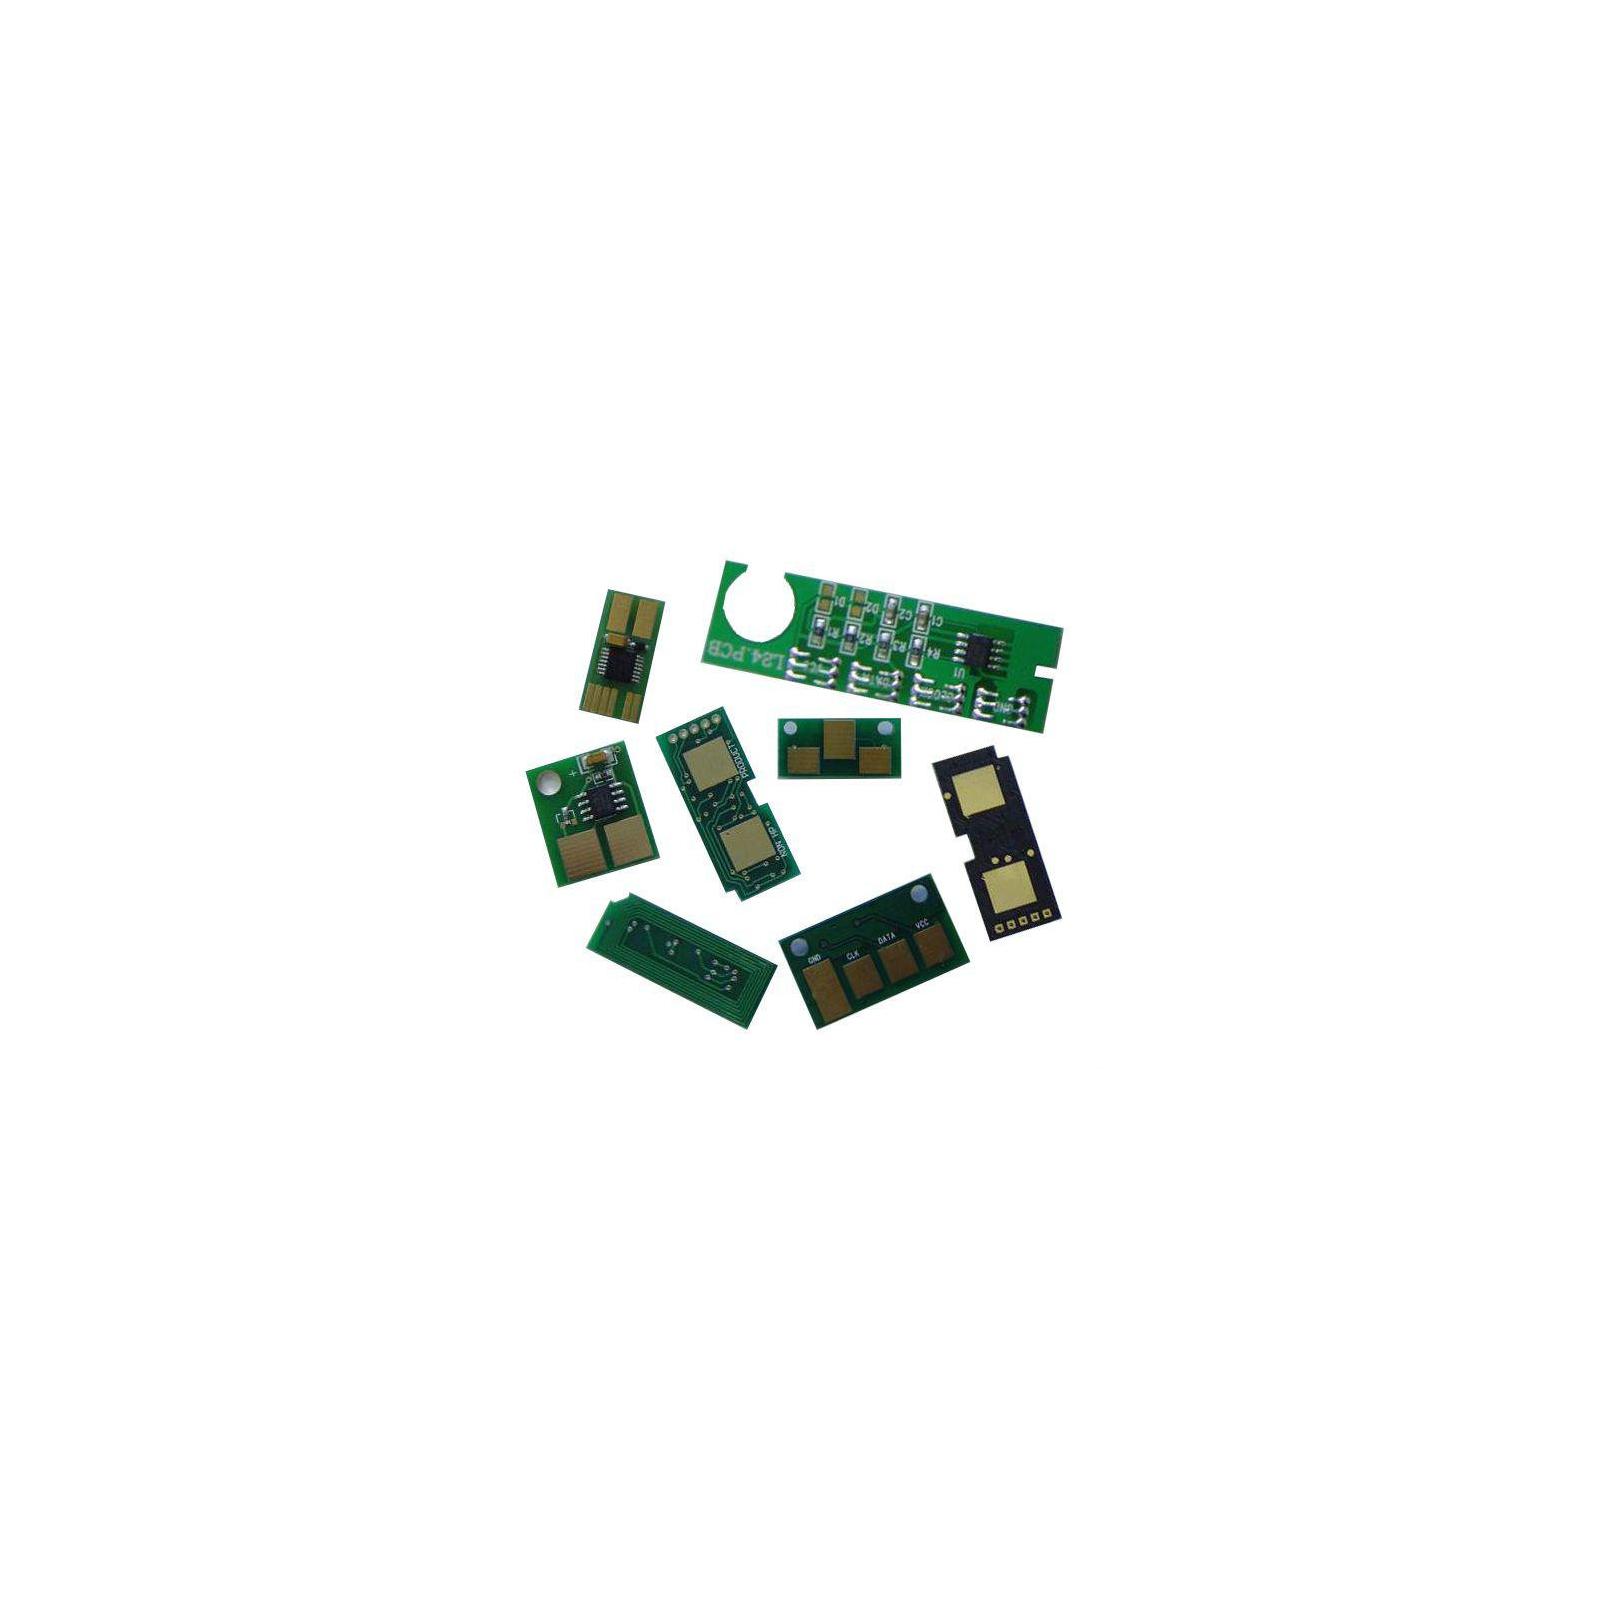 Чип для картриджа EPSON T1812 18XL ДЛЯ XP-102/205 CYAN Apex (CHIP-EPS-T1812-C)